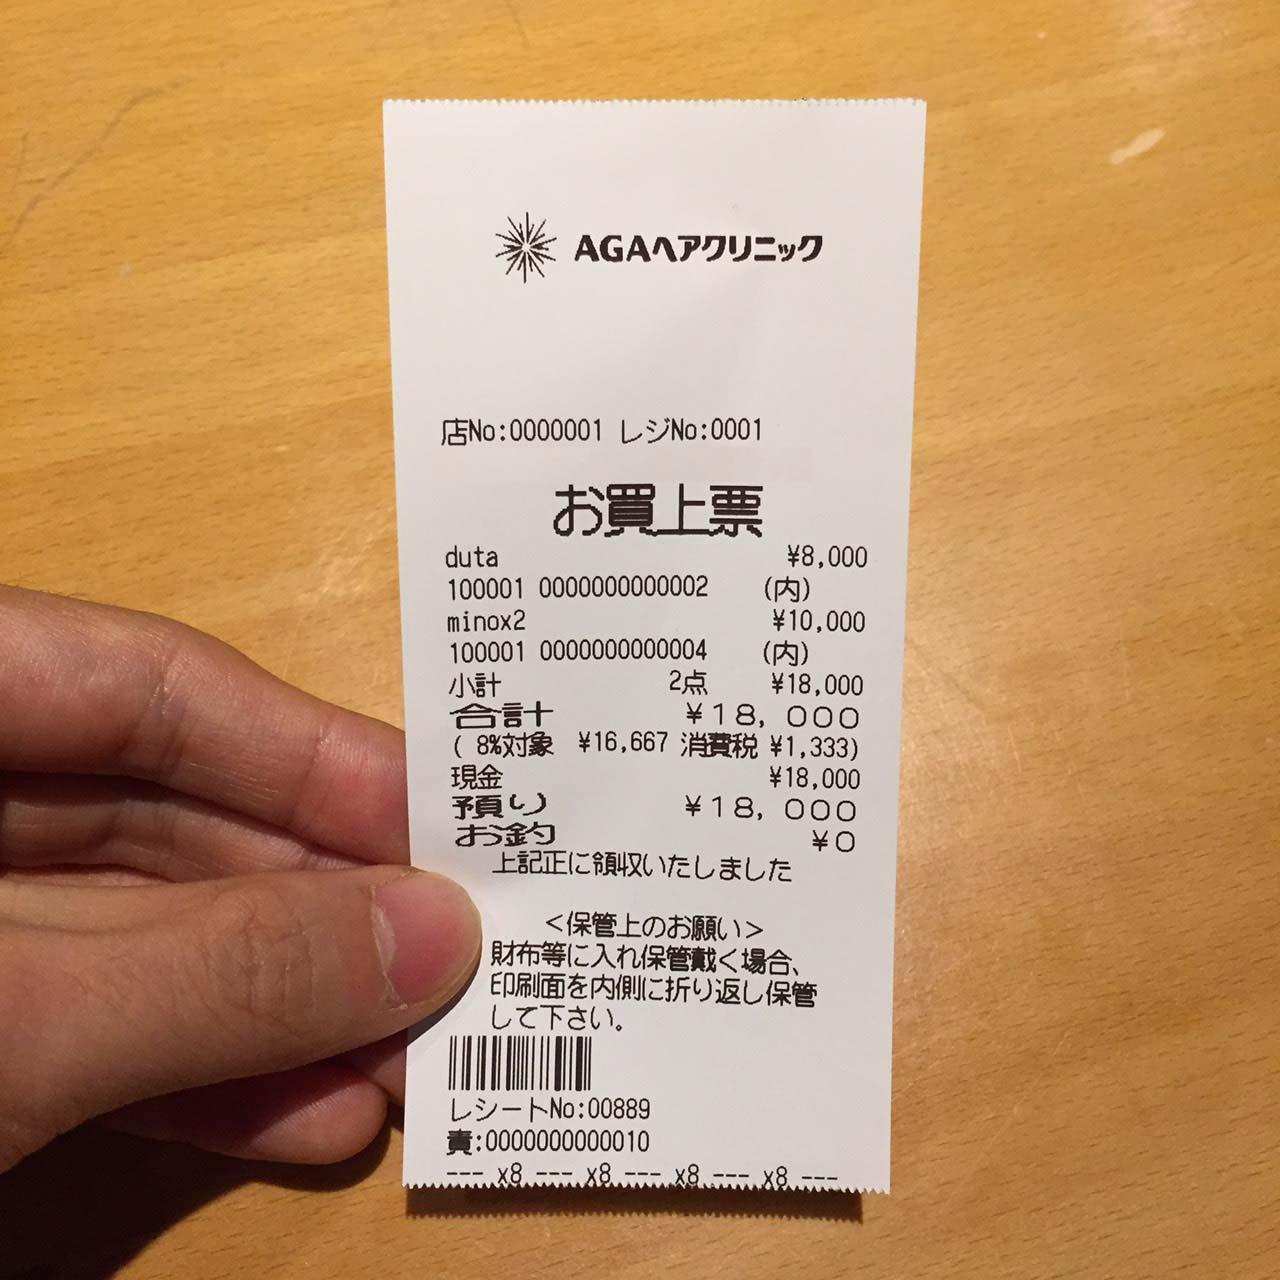 治療費(料金価格)18,000円コース